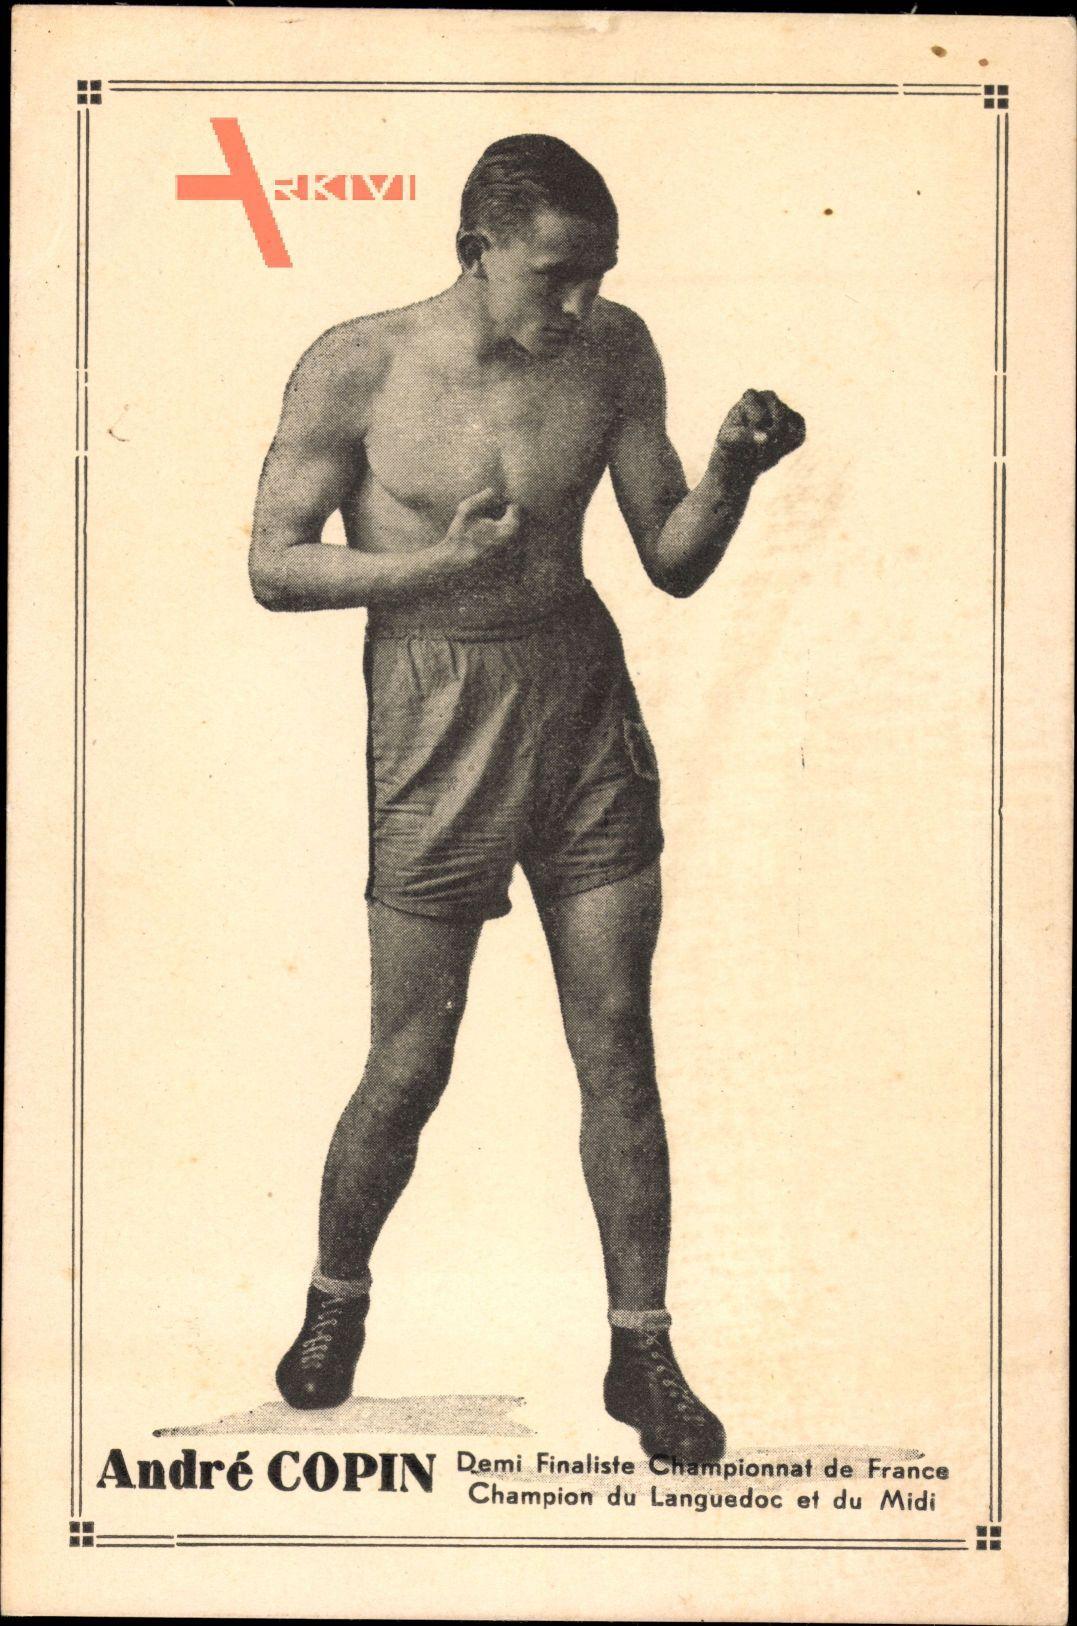 André Copin, Demi Finaliste Championnat de France, Boxer